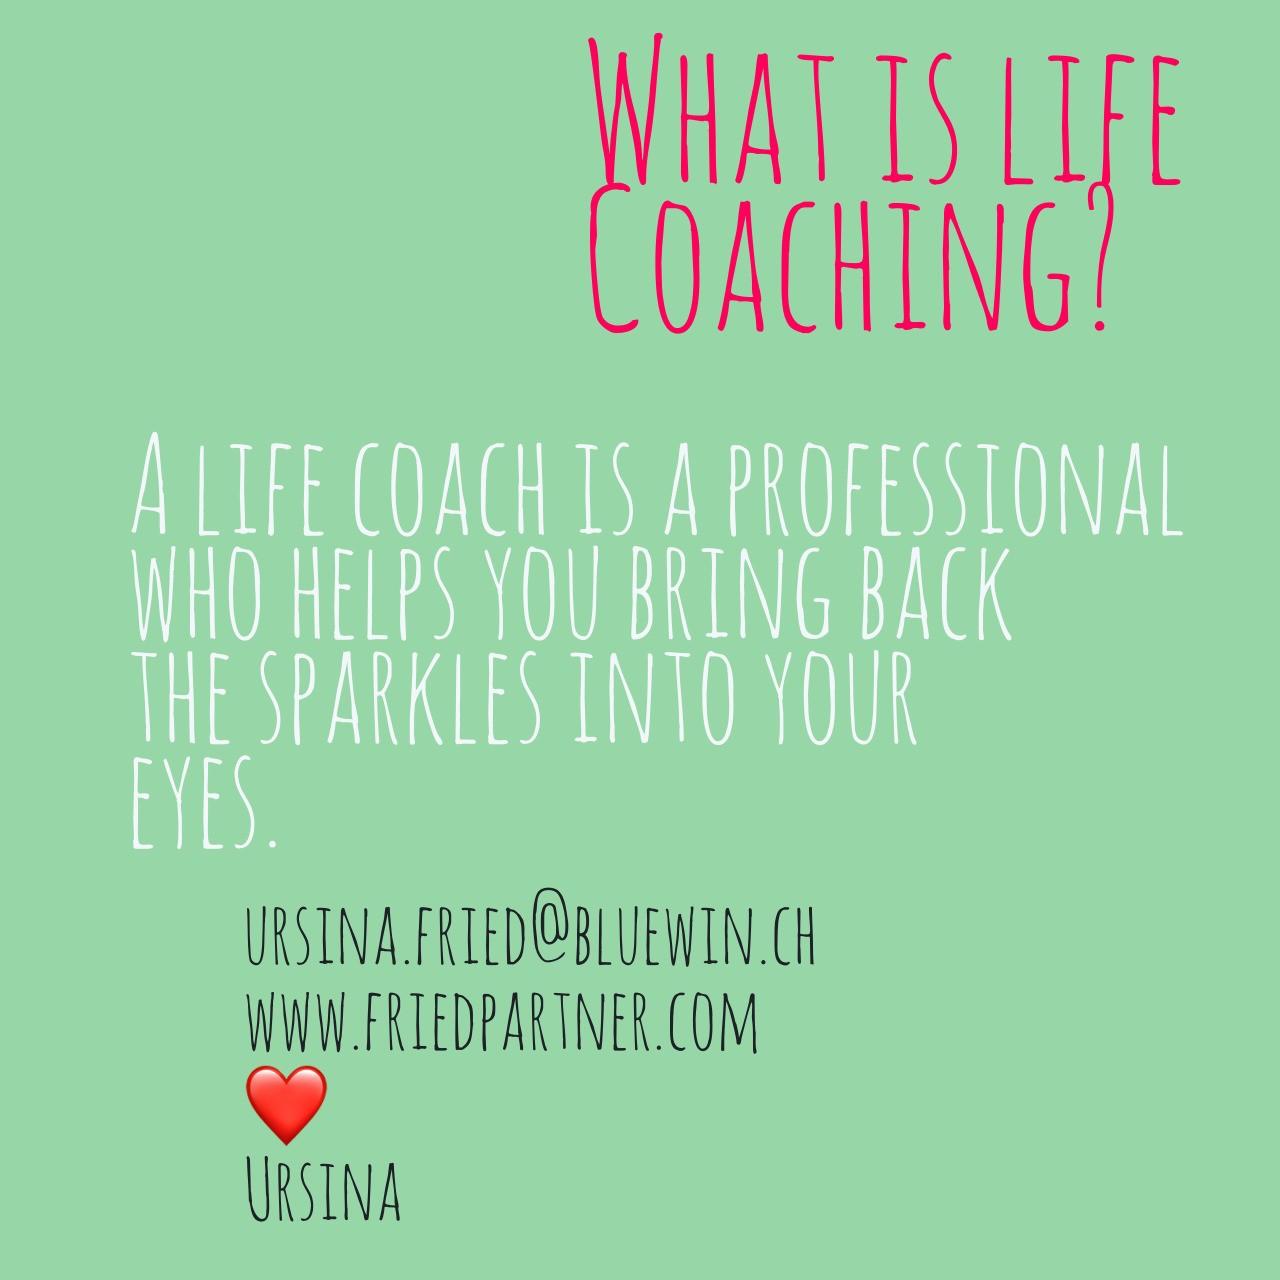 Ich bin für sich da. Melde dich. ❤️ Ursina #lifecoaching #coaching #nlpmasterpractitioner #hypnosis